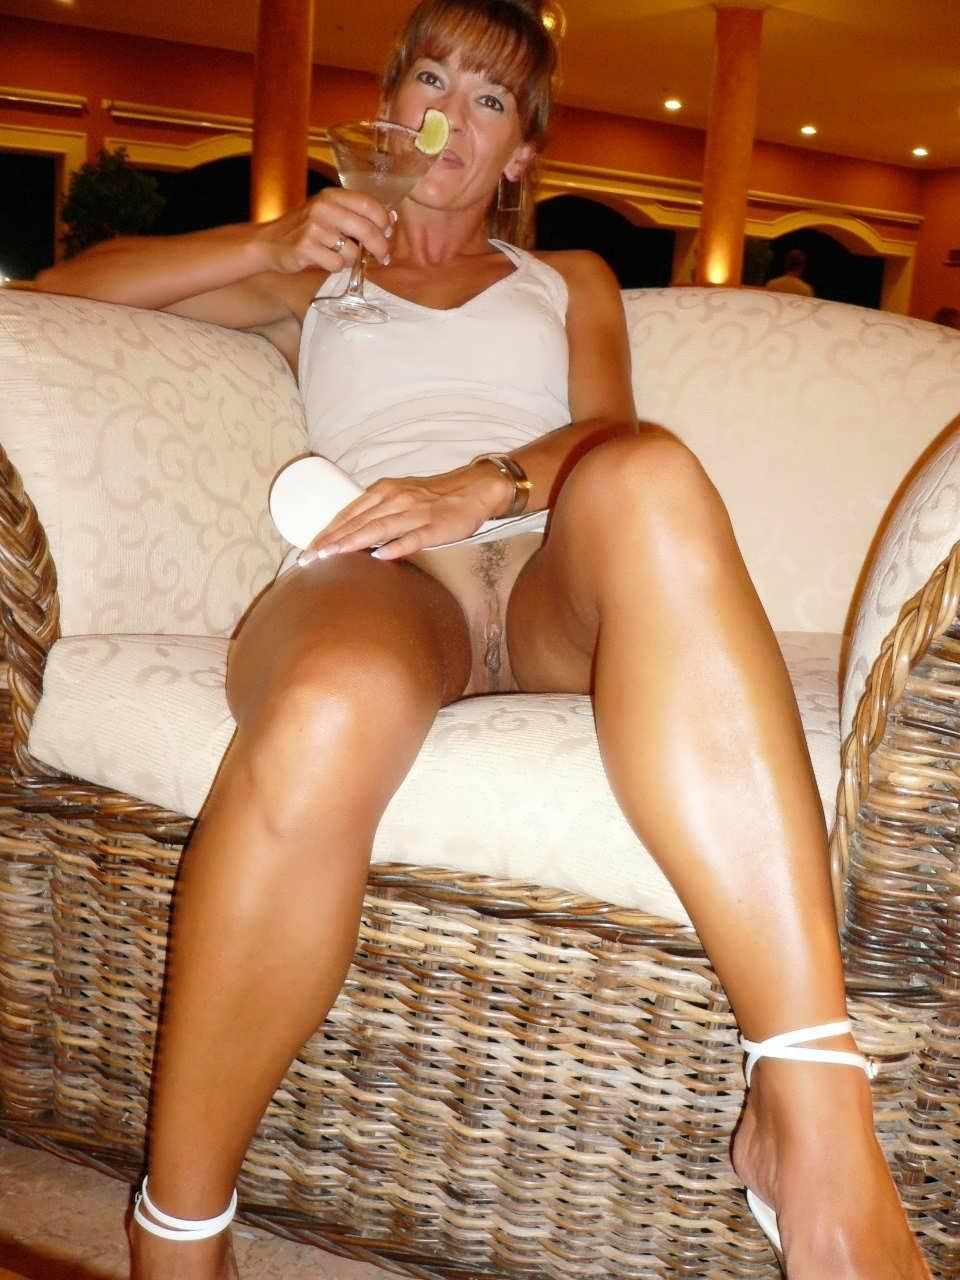 Ветер юбки задирает эротическое фото